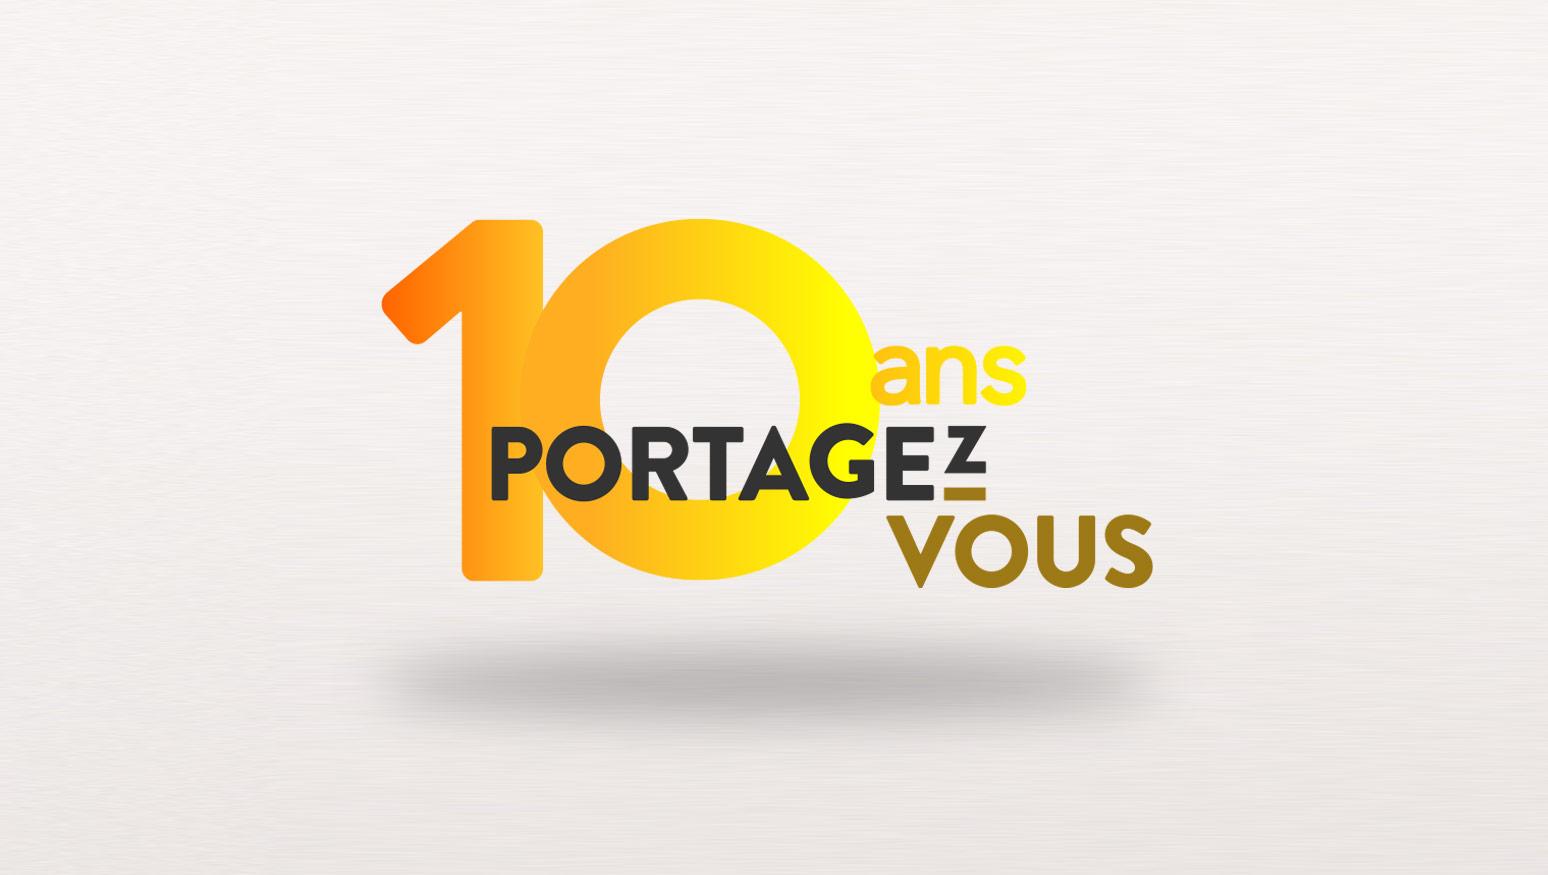 10 ans de Portage salarial Paris pour Portagez-vous